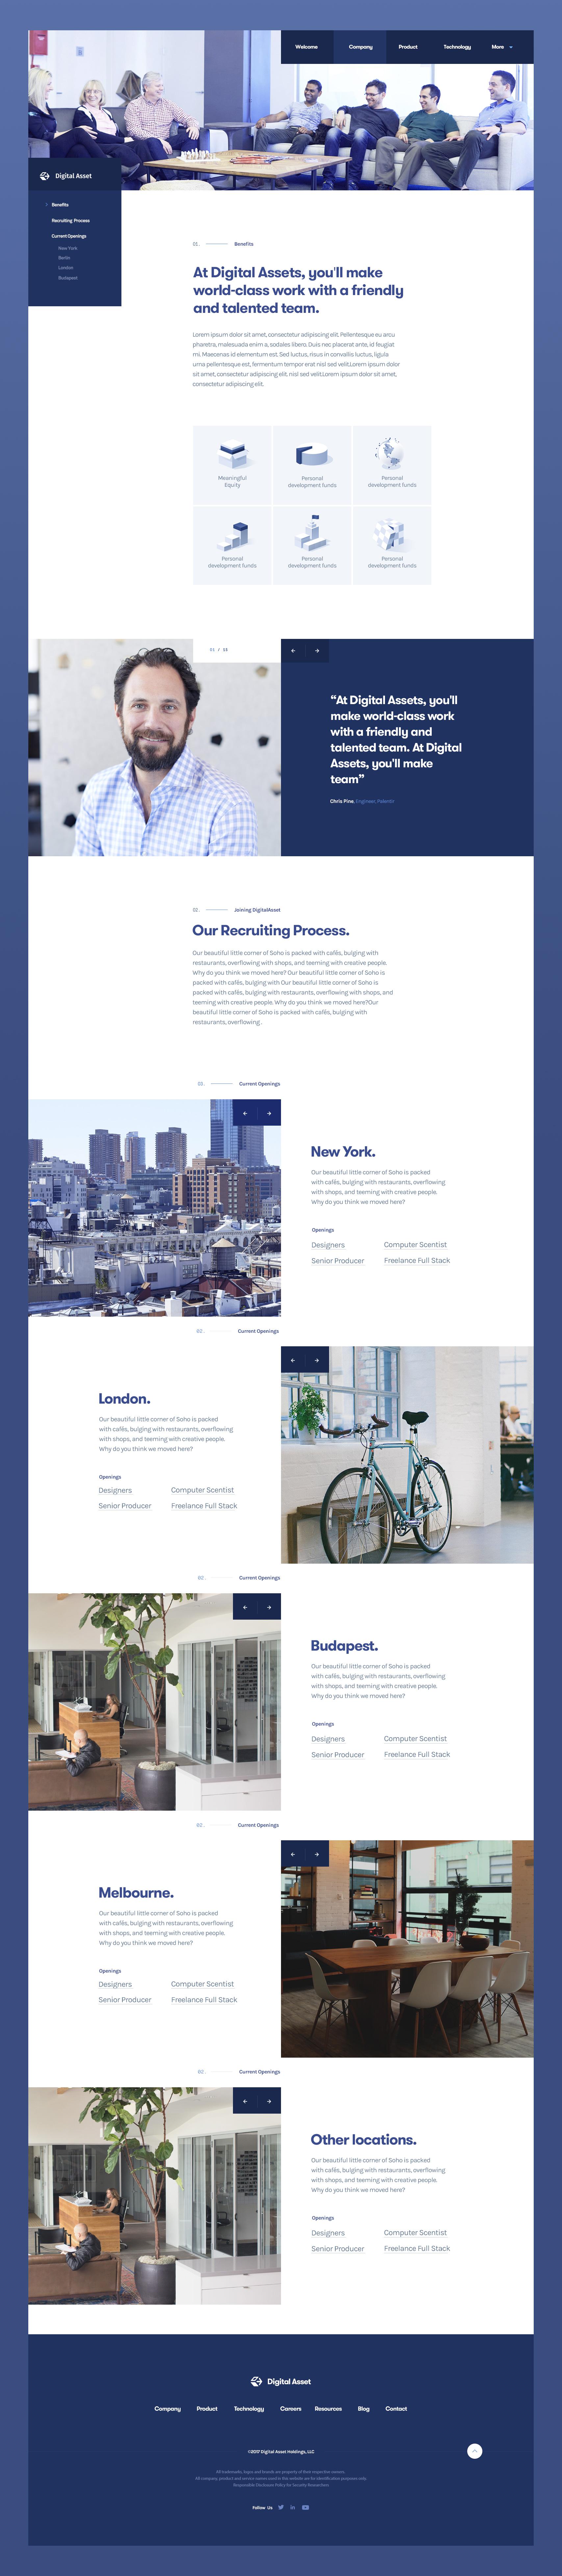 Digitalasset career page by julien renvoye